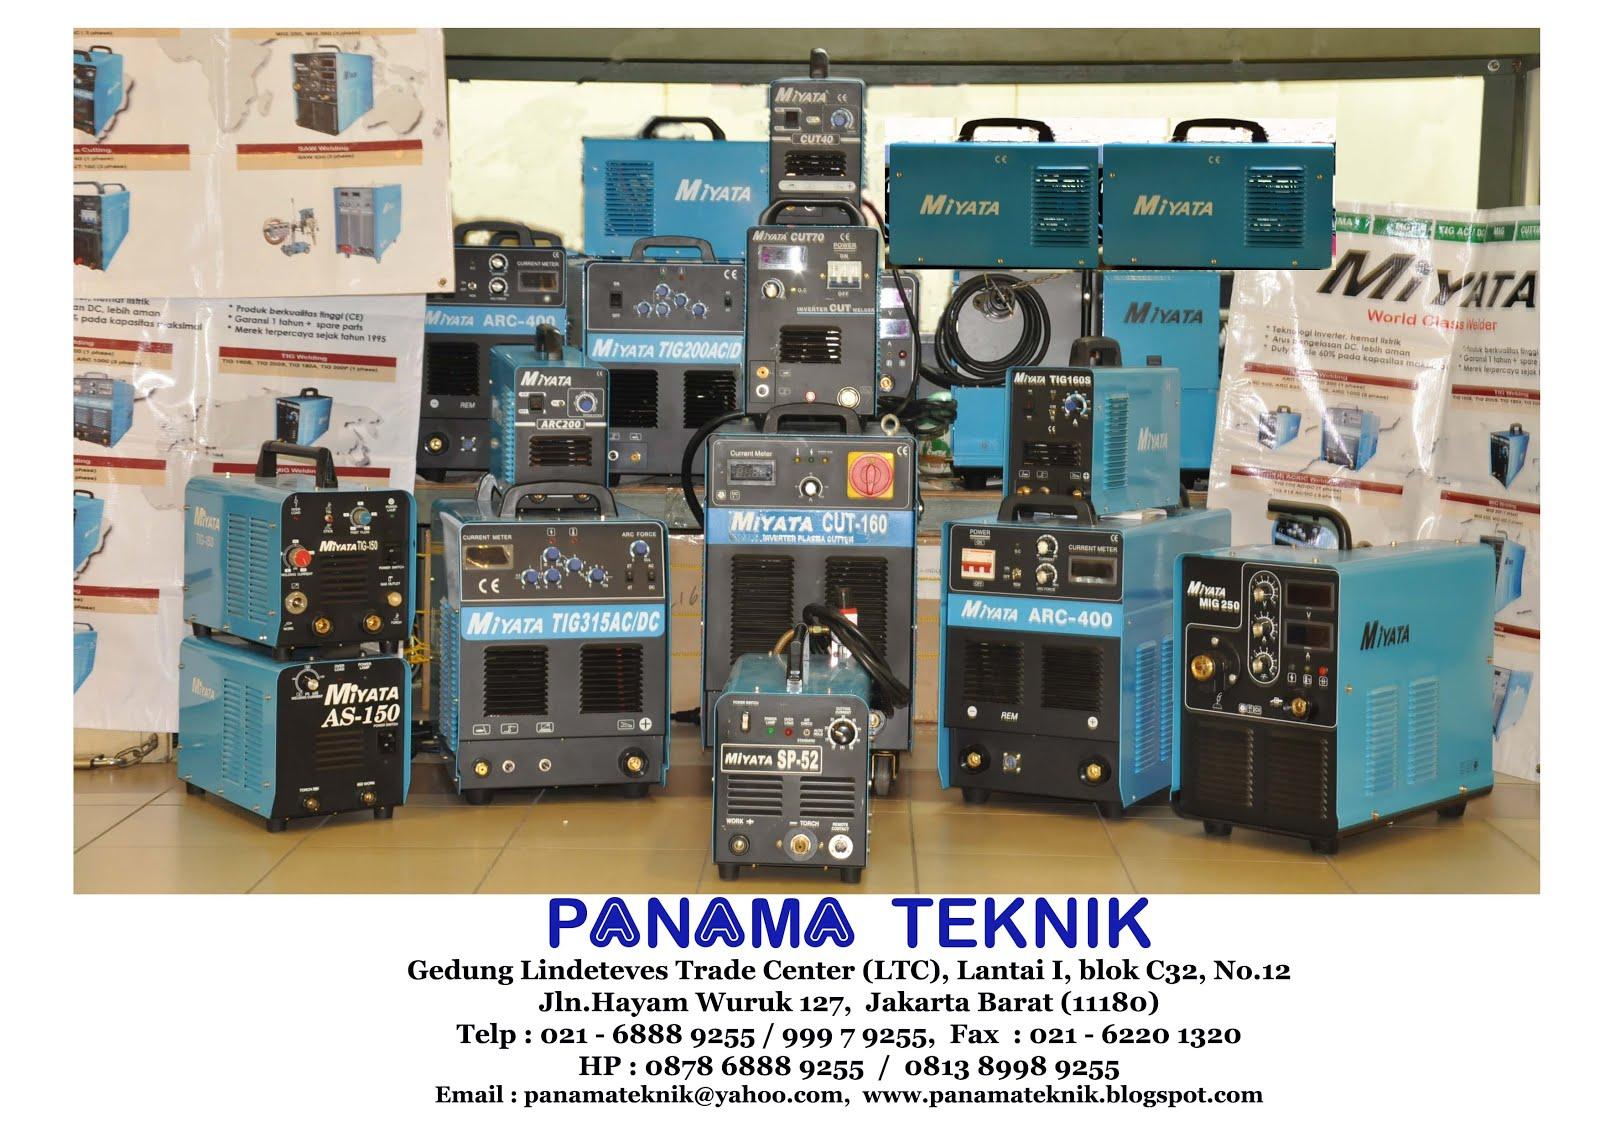 Panama Teknik